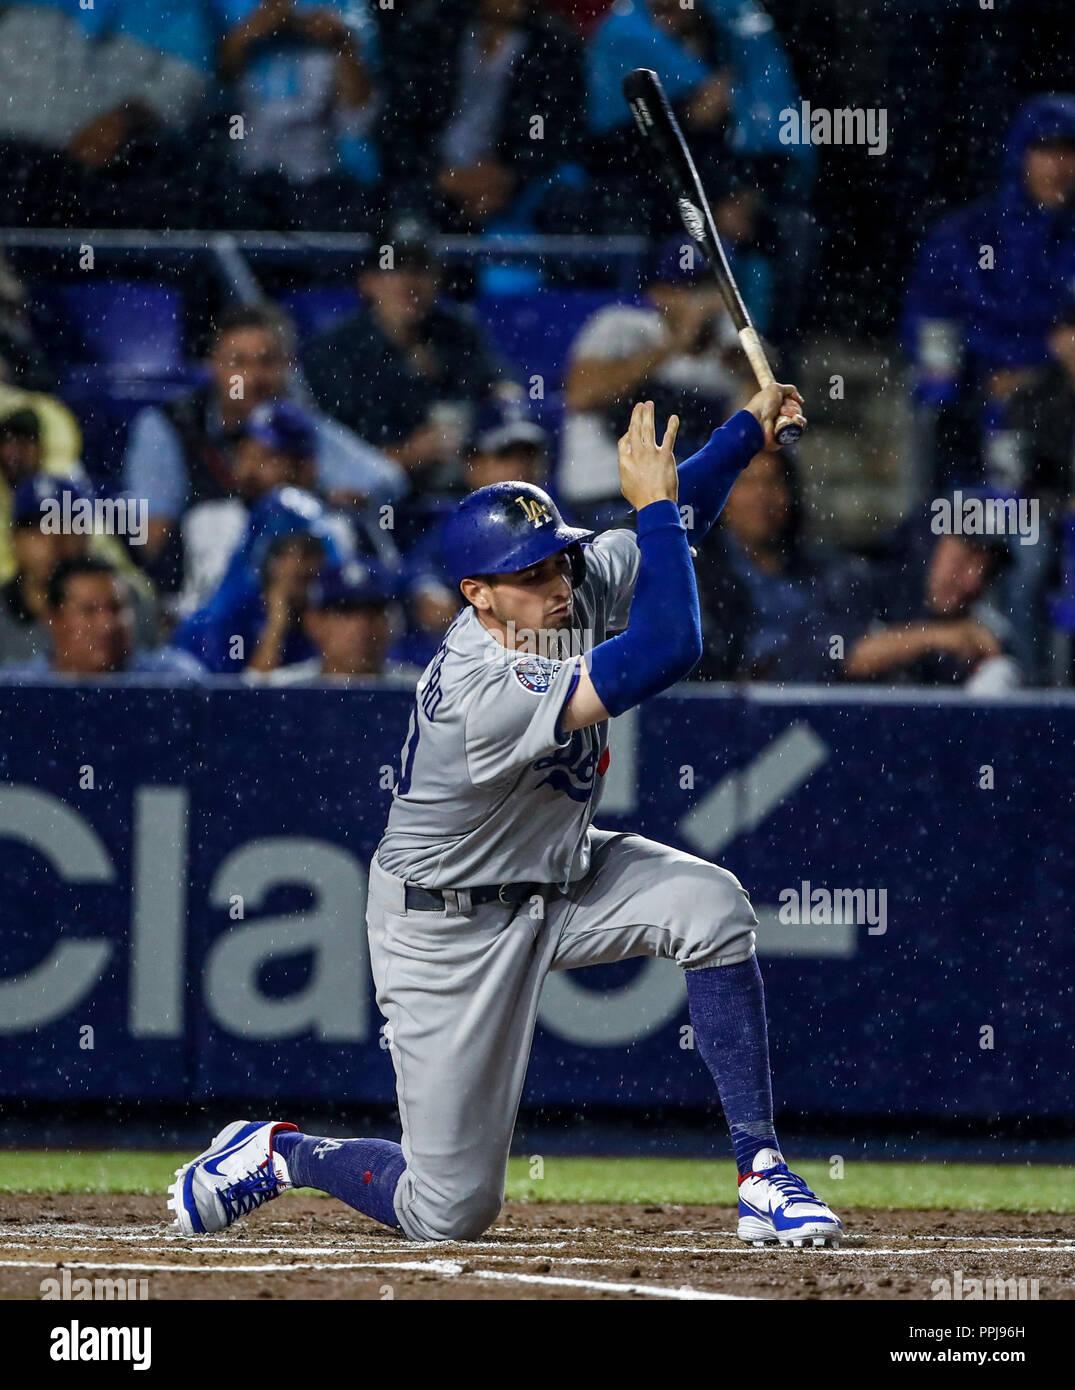 Tim Locastro de los dodgers, durante el partido de beisbol de los Dodgers de Los Angeles contra Padres de San Diego, durante el primer juego de la ser - Stock Image